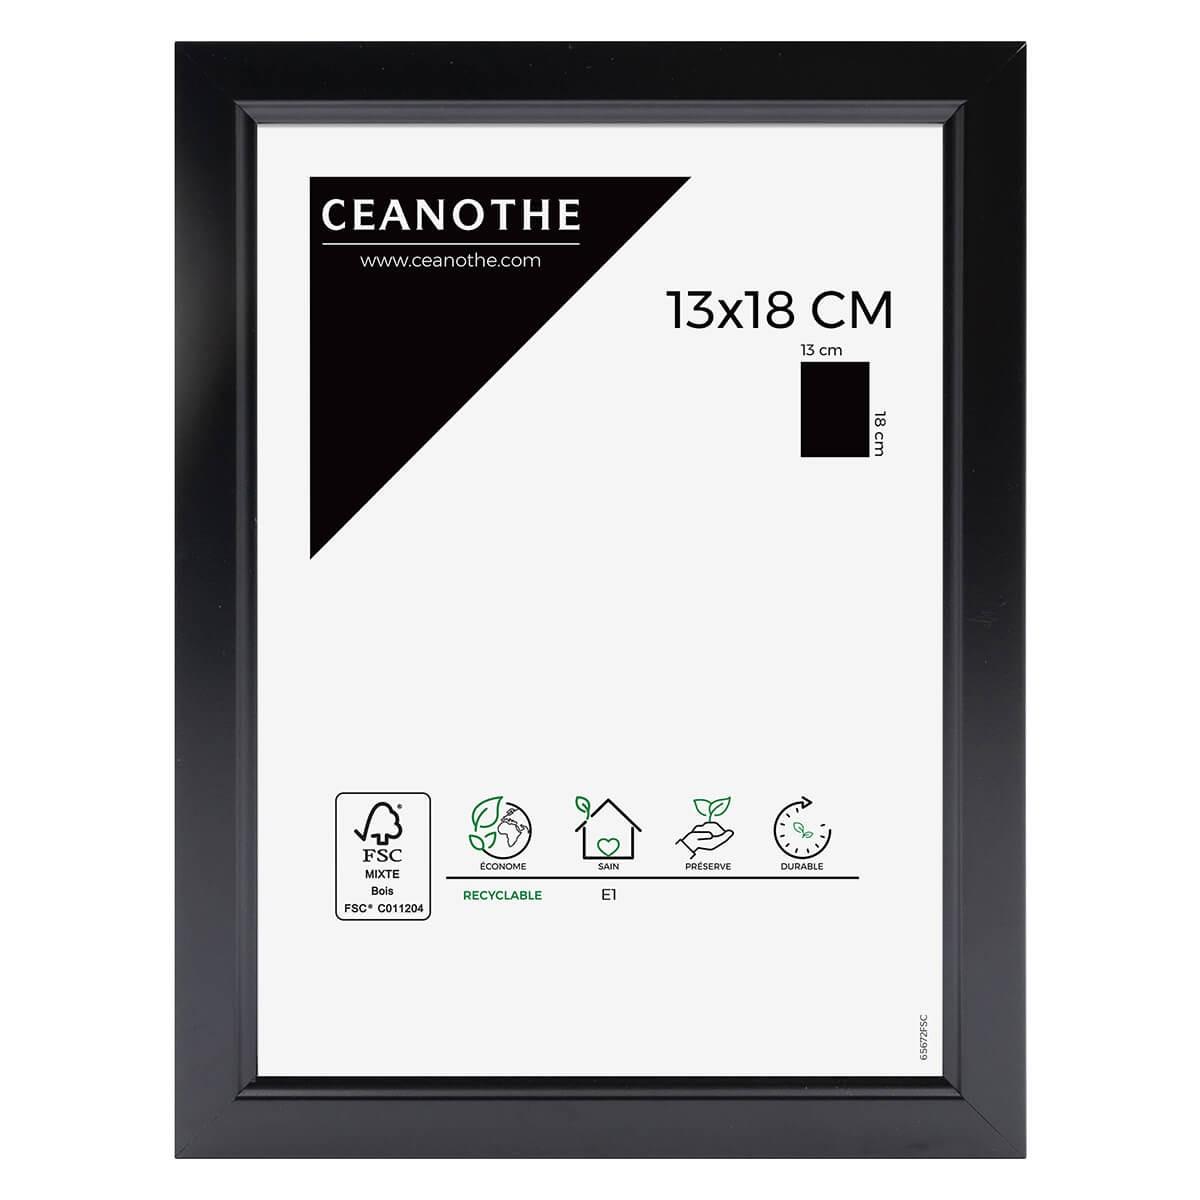 Cadre photo noir résine plastique 13x18